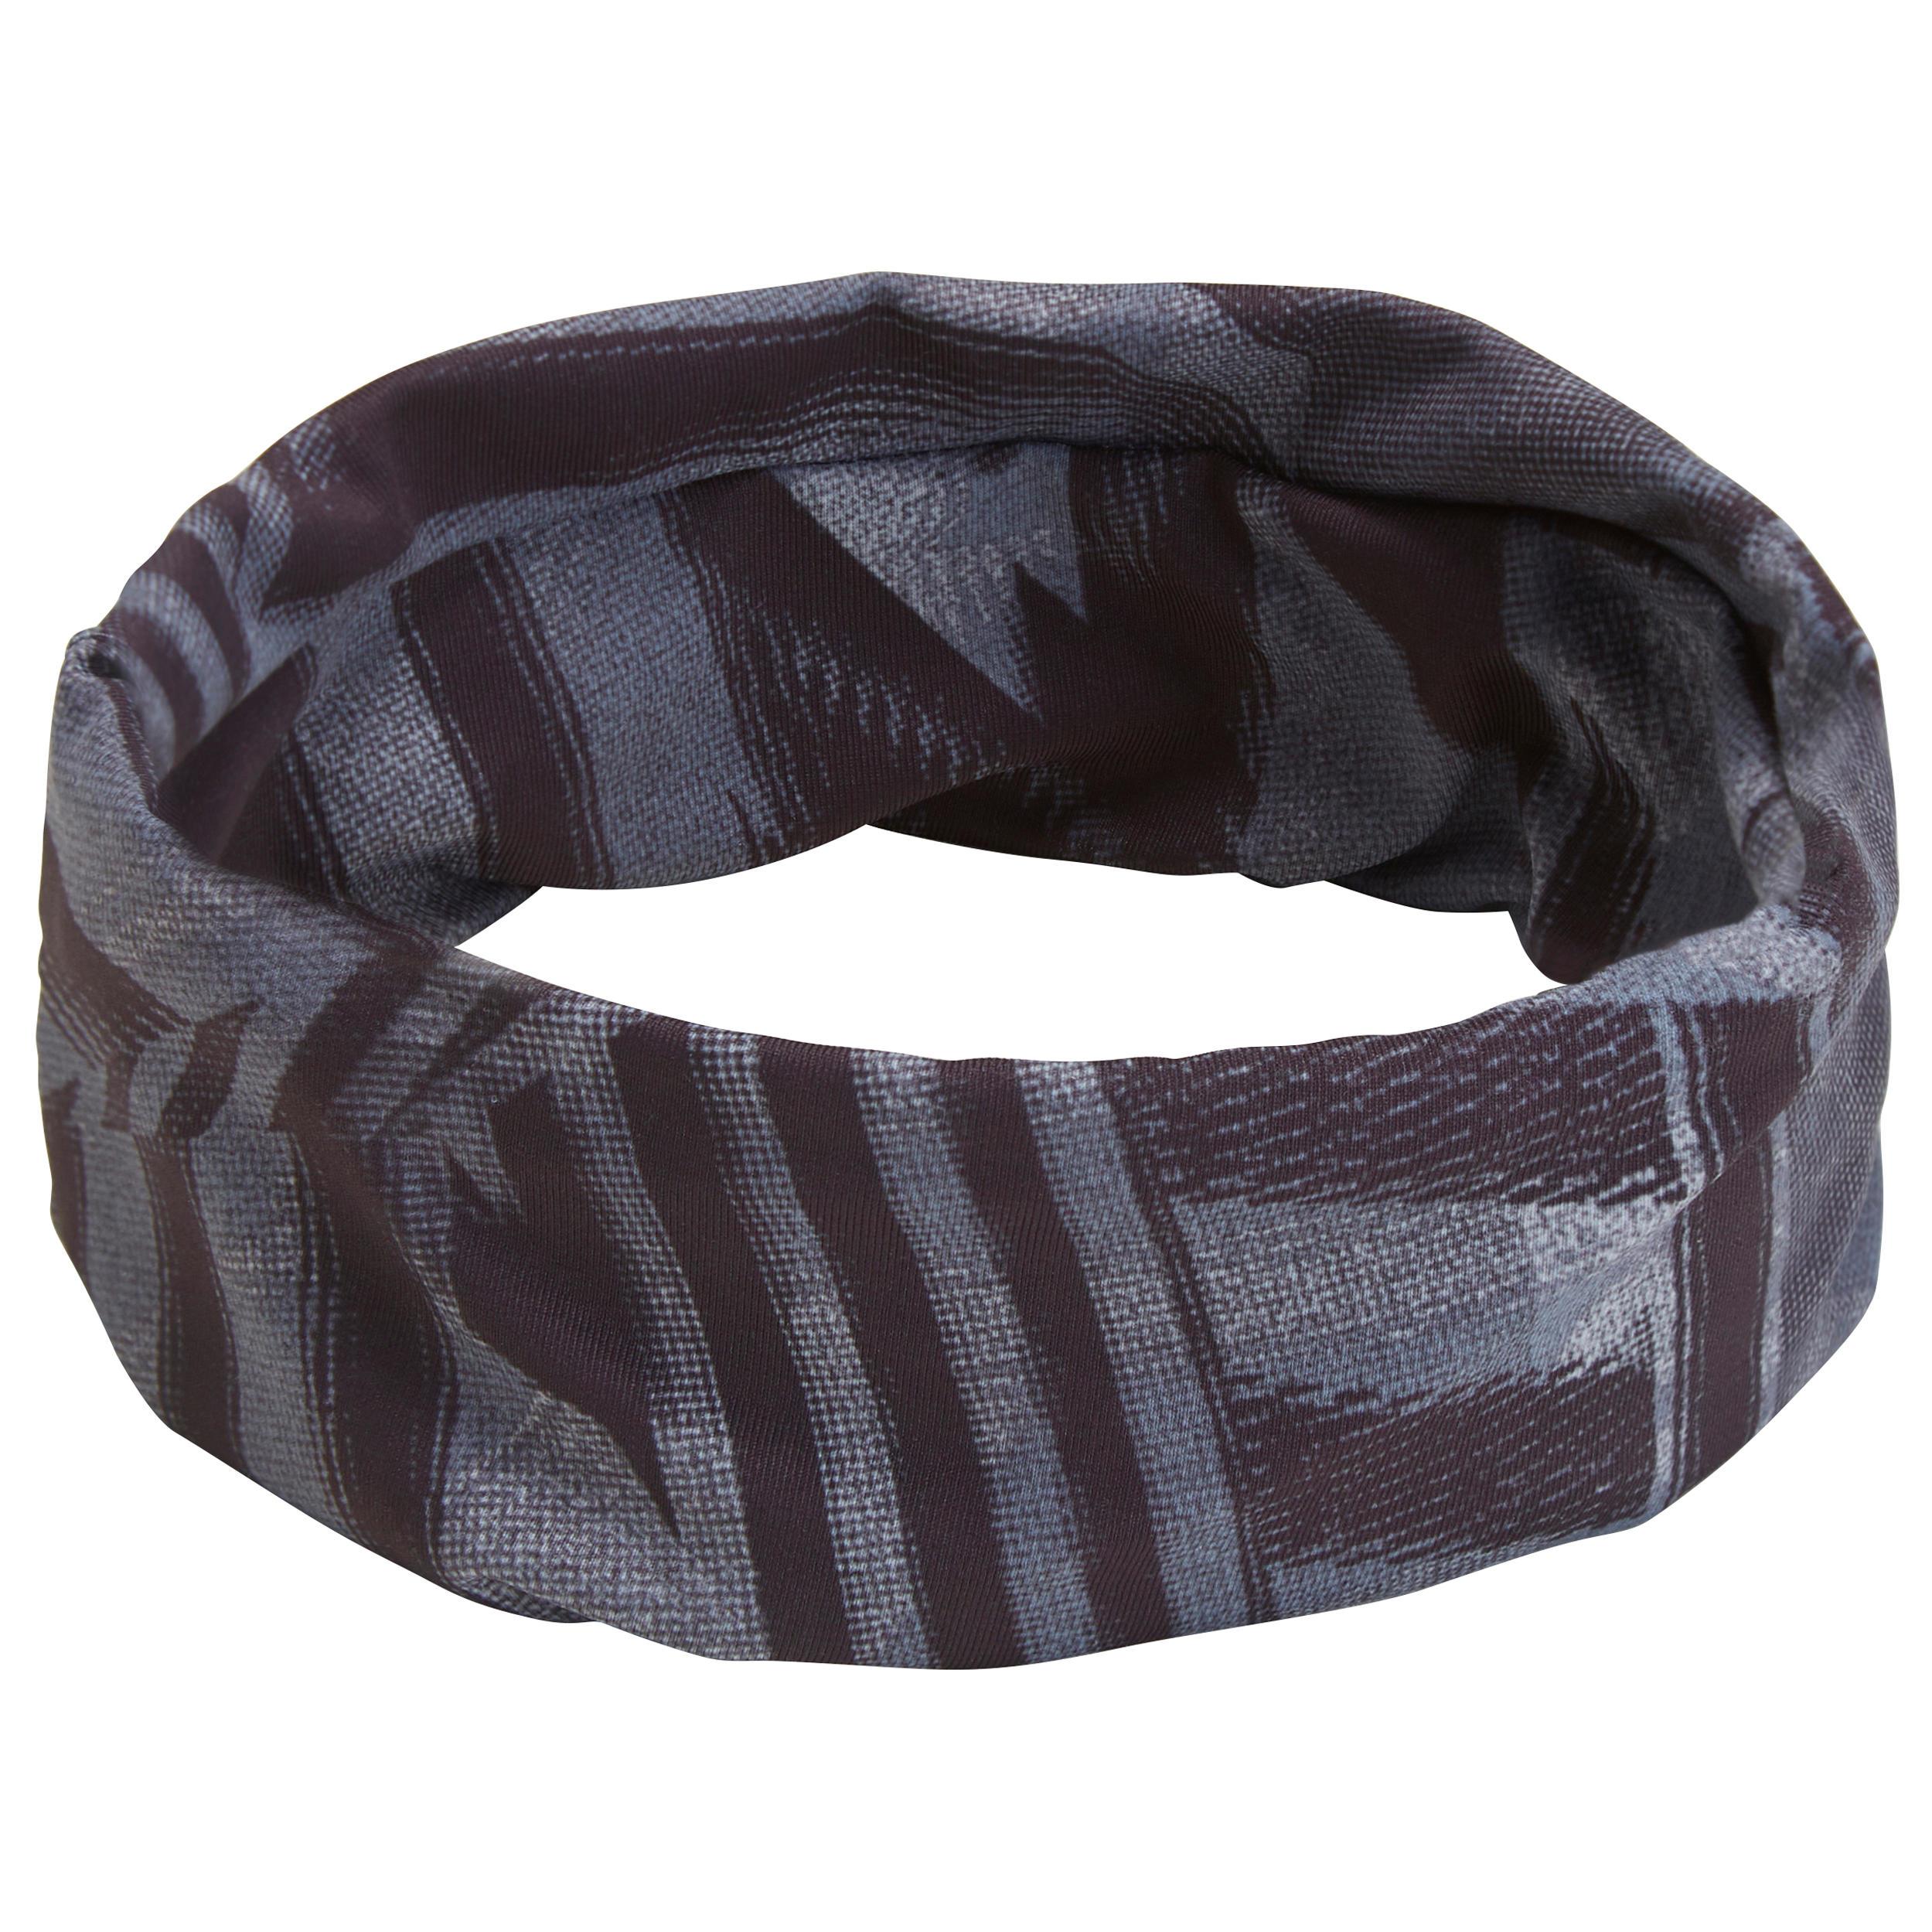 Stirnband Fitness Cardio Damen mit buntem Print | Accessoires > Mützen > Stirnbänder | Domyos